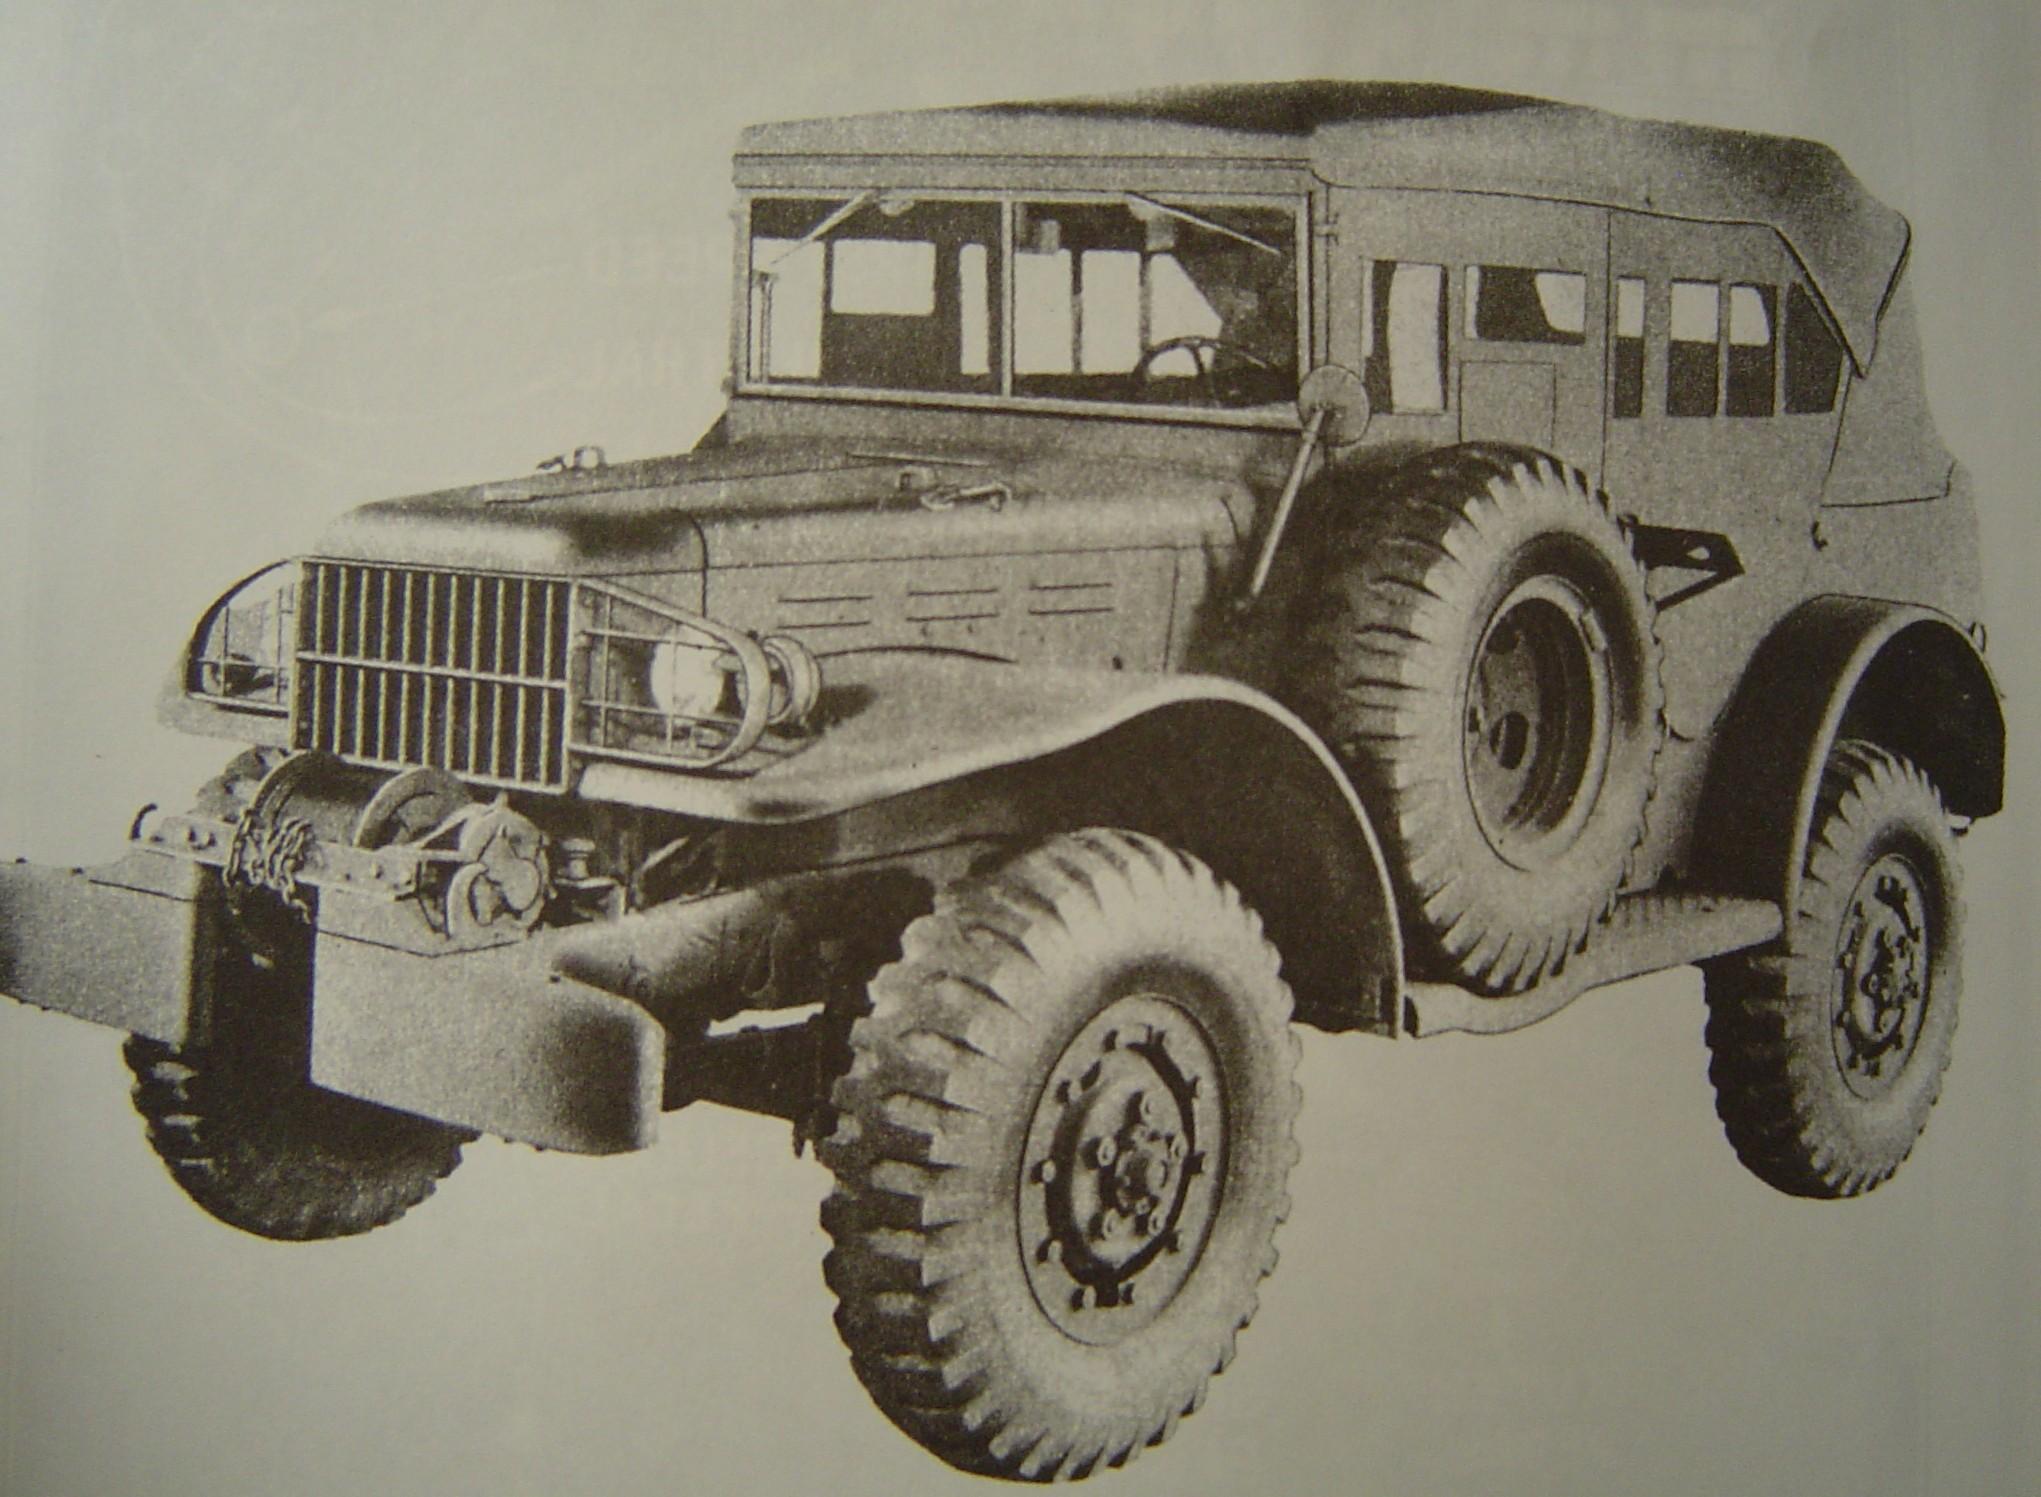 dodge g505 12 ton military ambulance. Black Bedroom Furniture Sets. Home Design Ideas